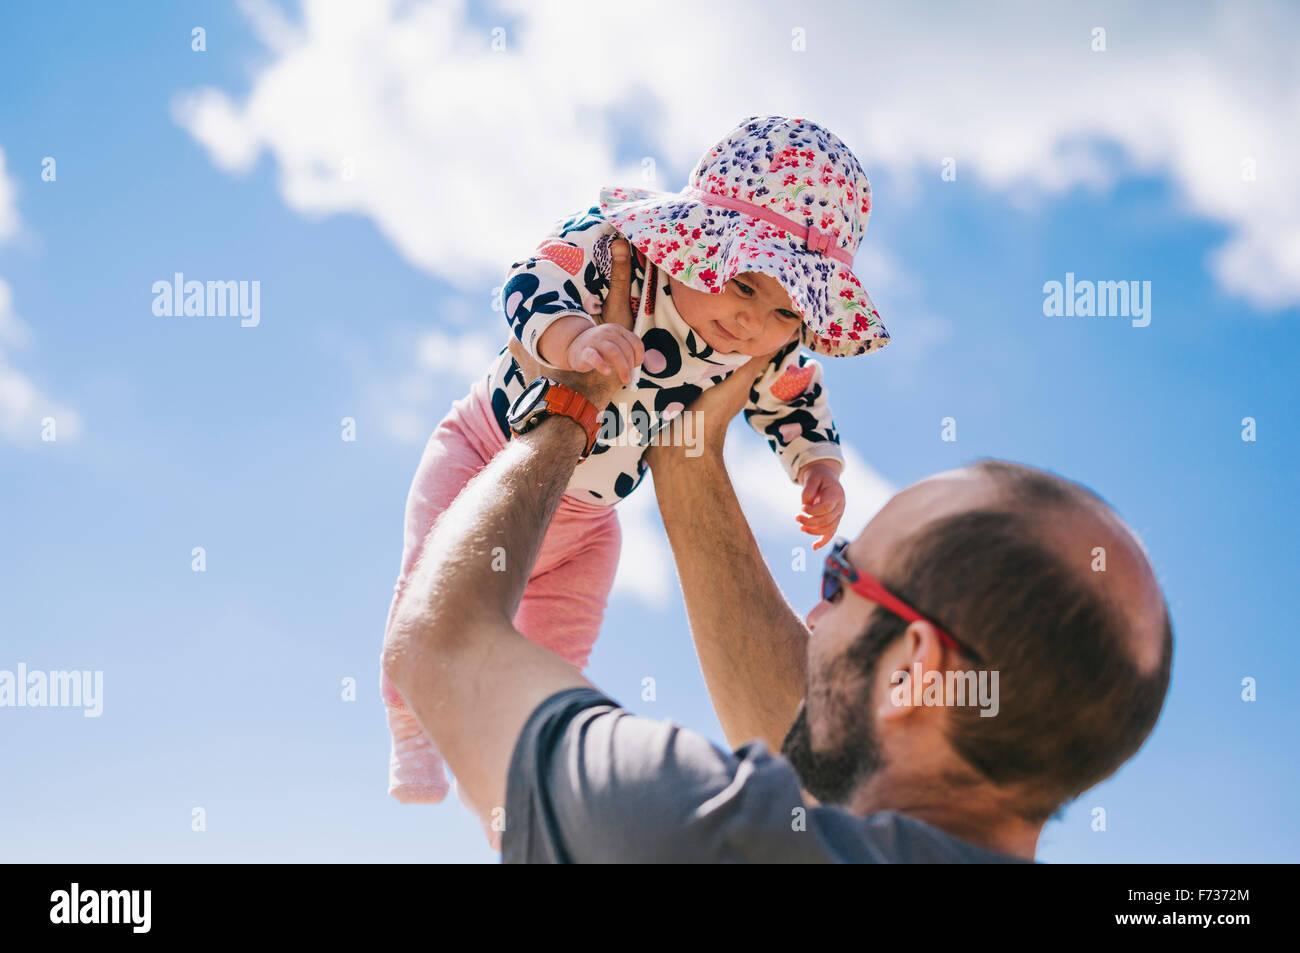 Un bébé couché sur le tapis en peau de mouton, des coups de pattes. Photo Stock